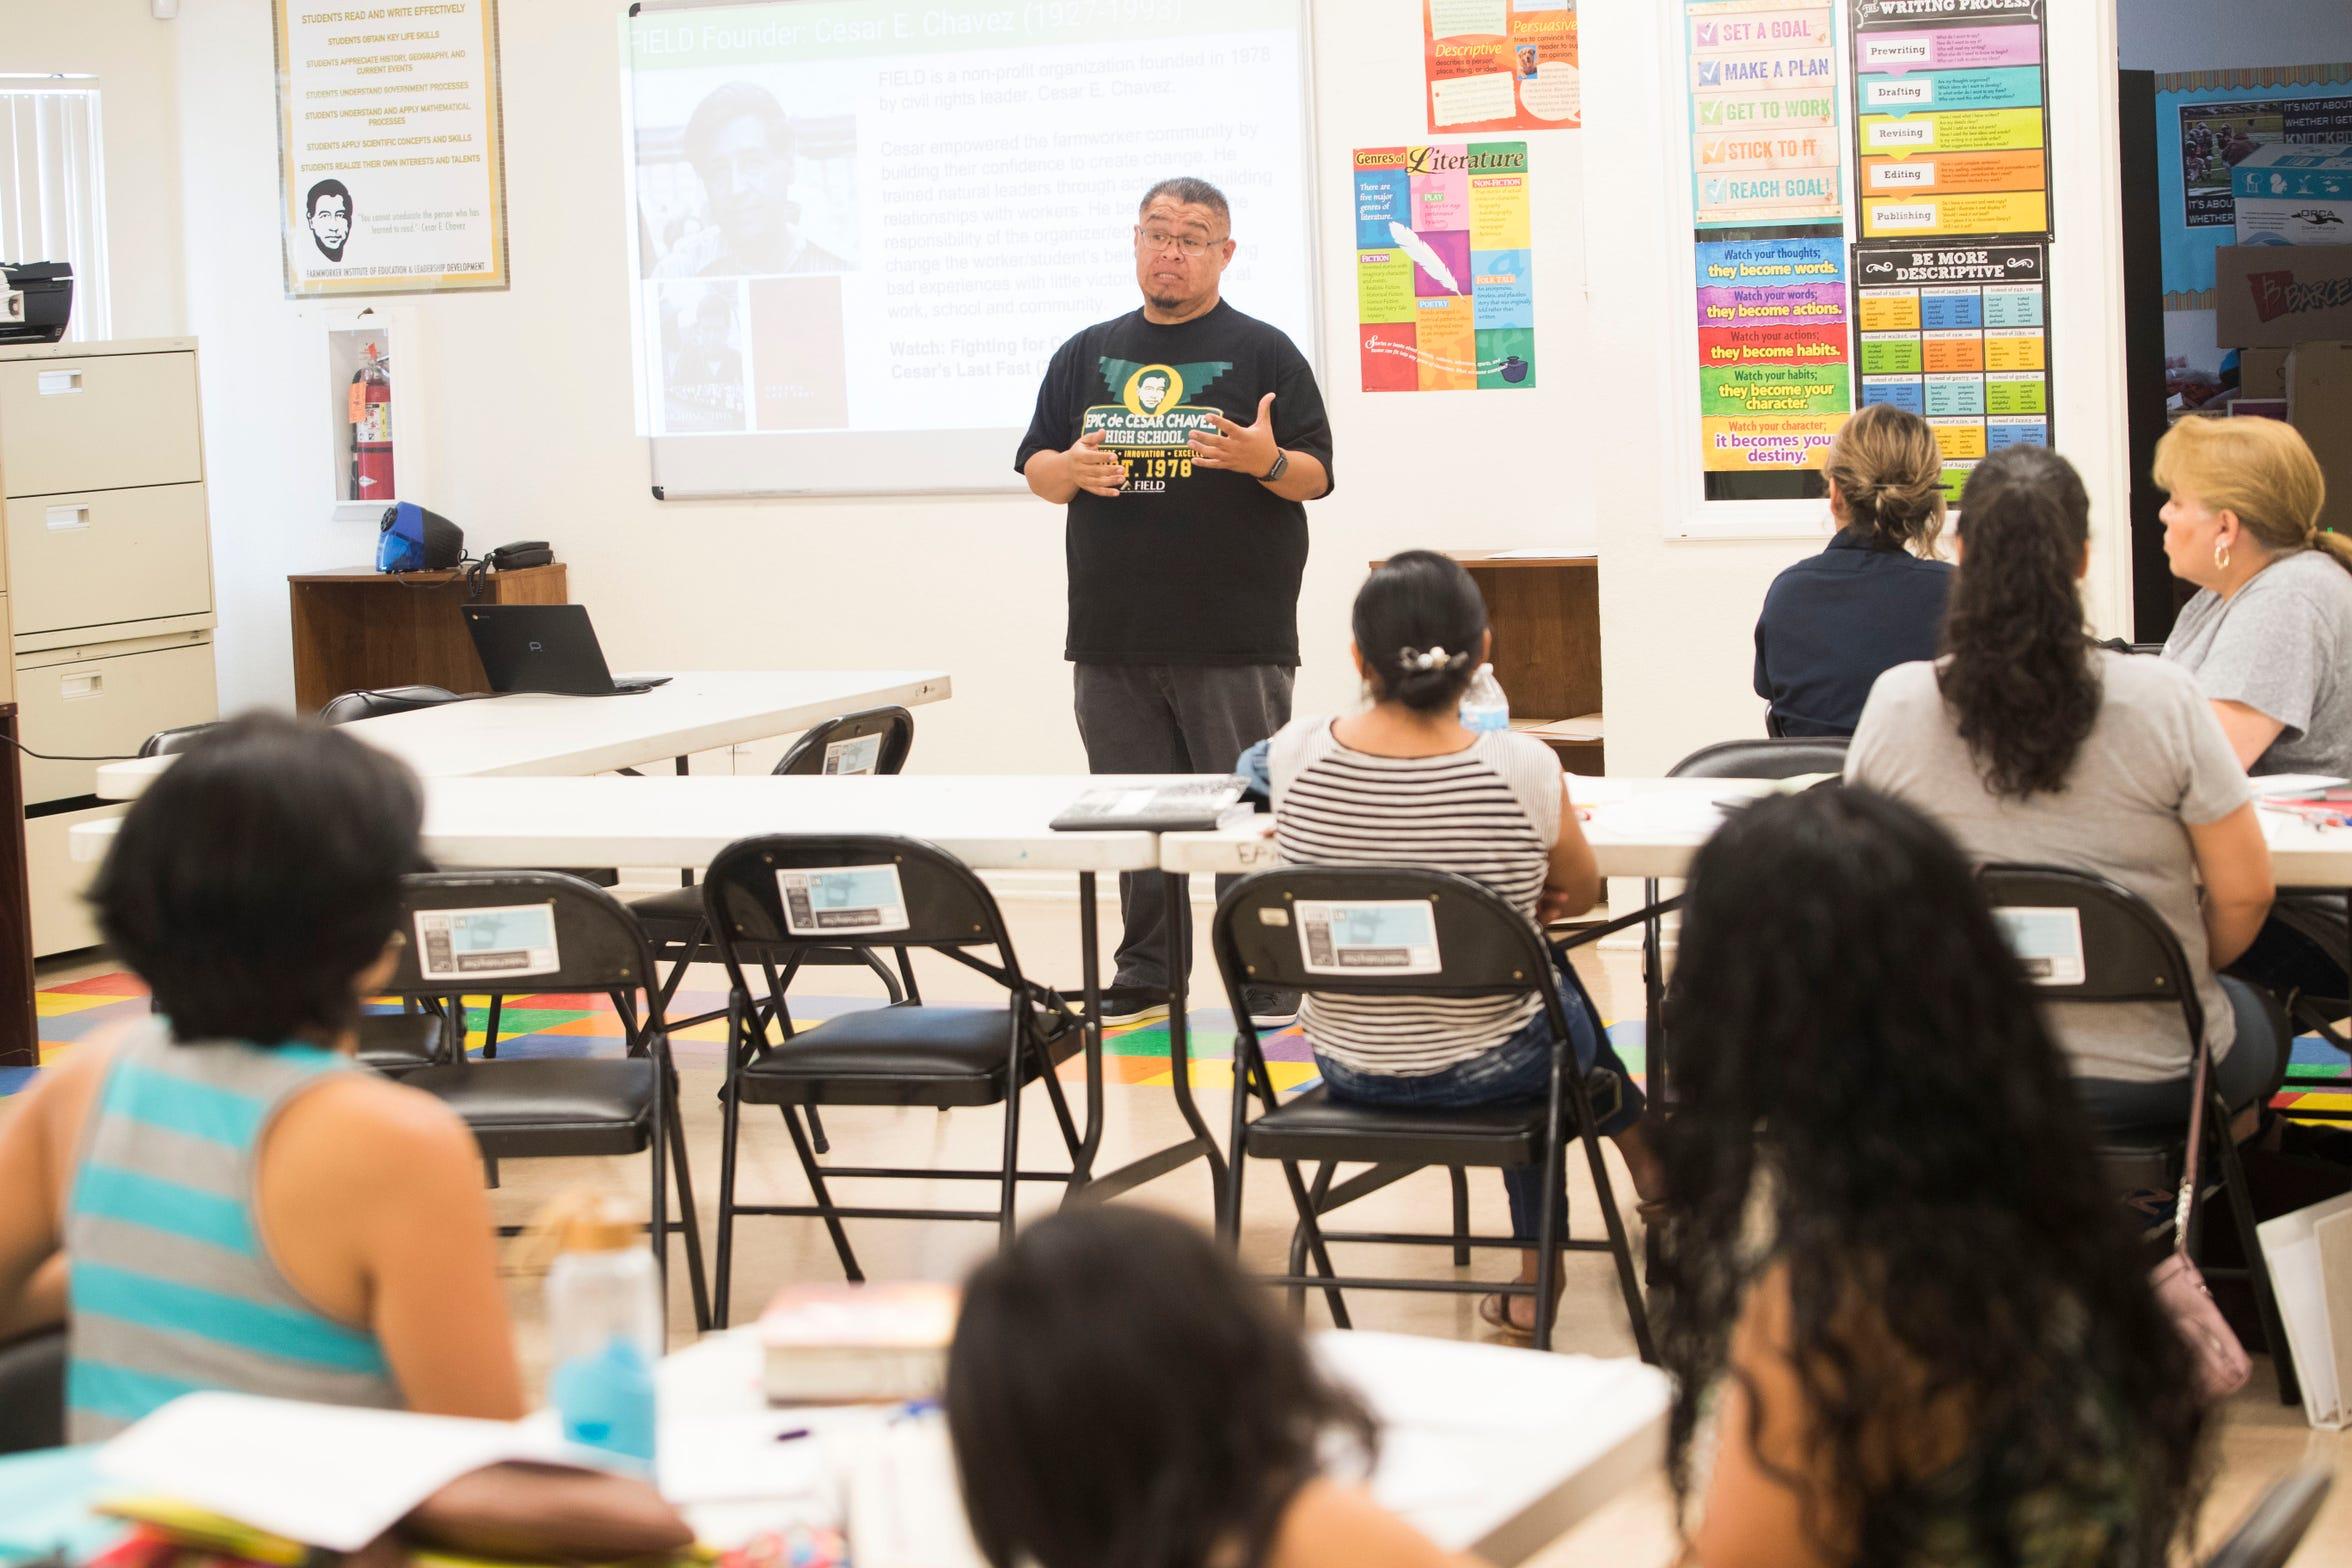 Joe Mota, a founding member of Raices speaks at a workshop for adult high school in Desert Hot Springs on September 7, 2018.